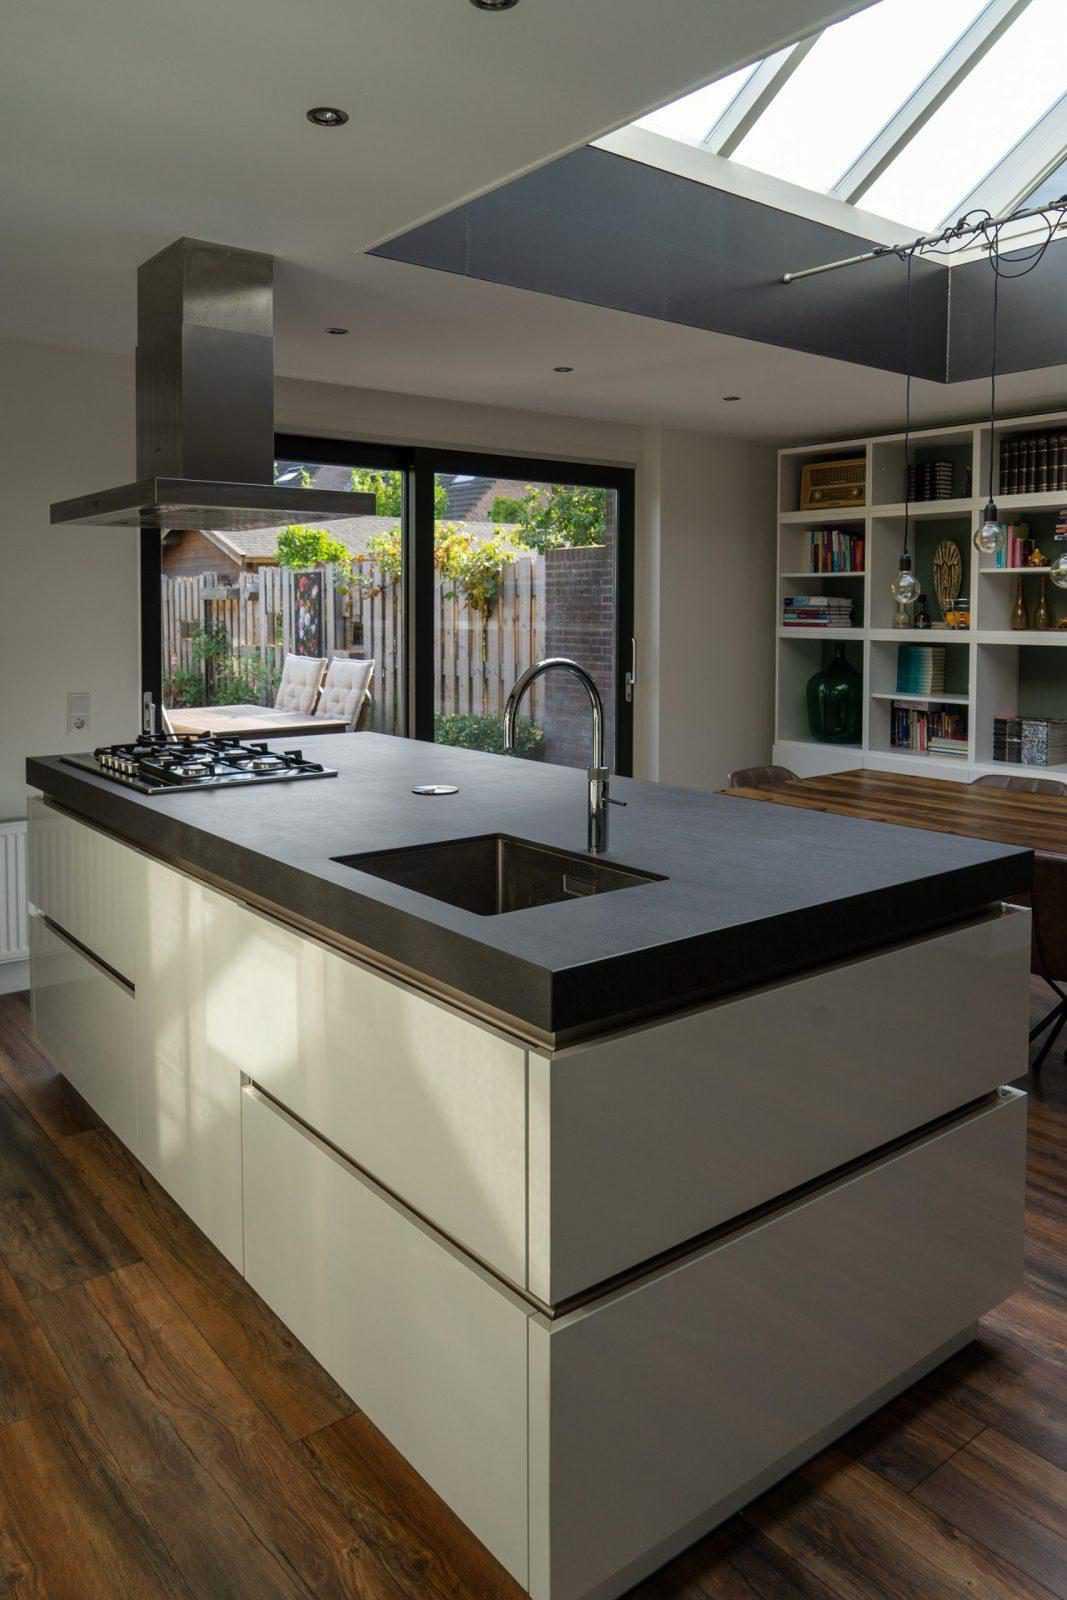 Keuken foto voor verkoop huis op funda